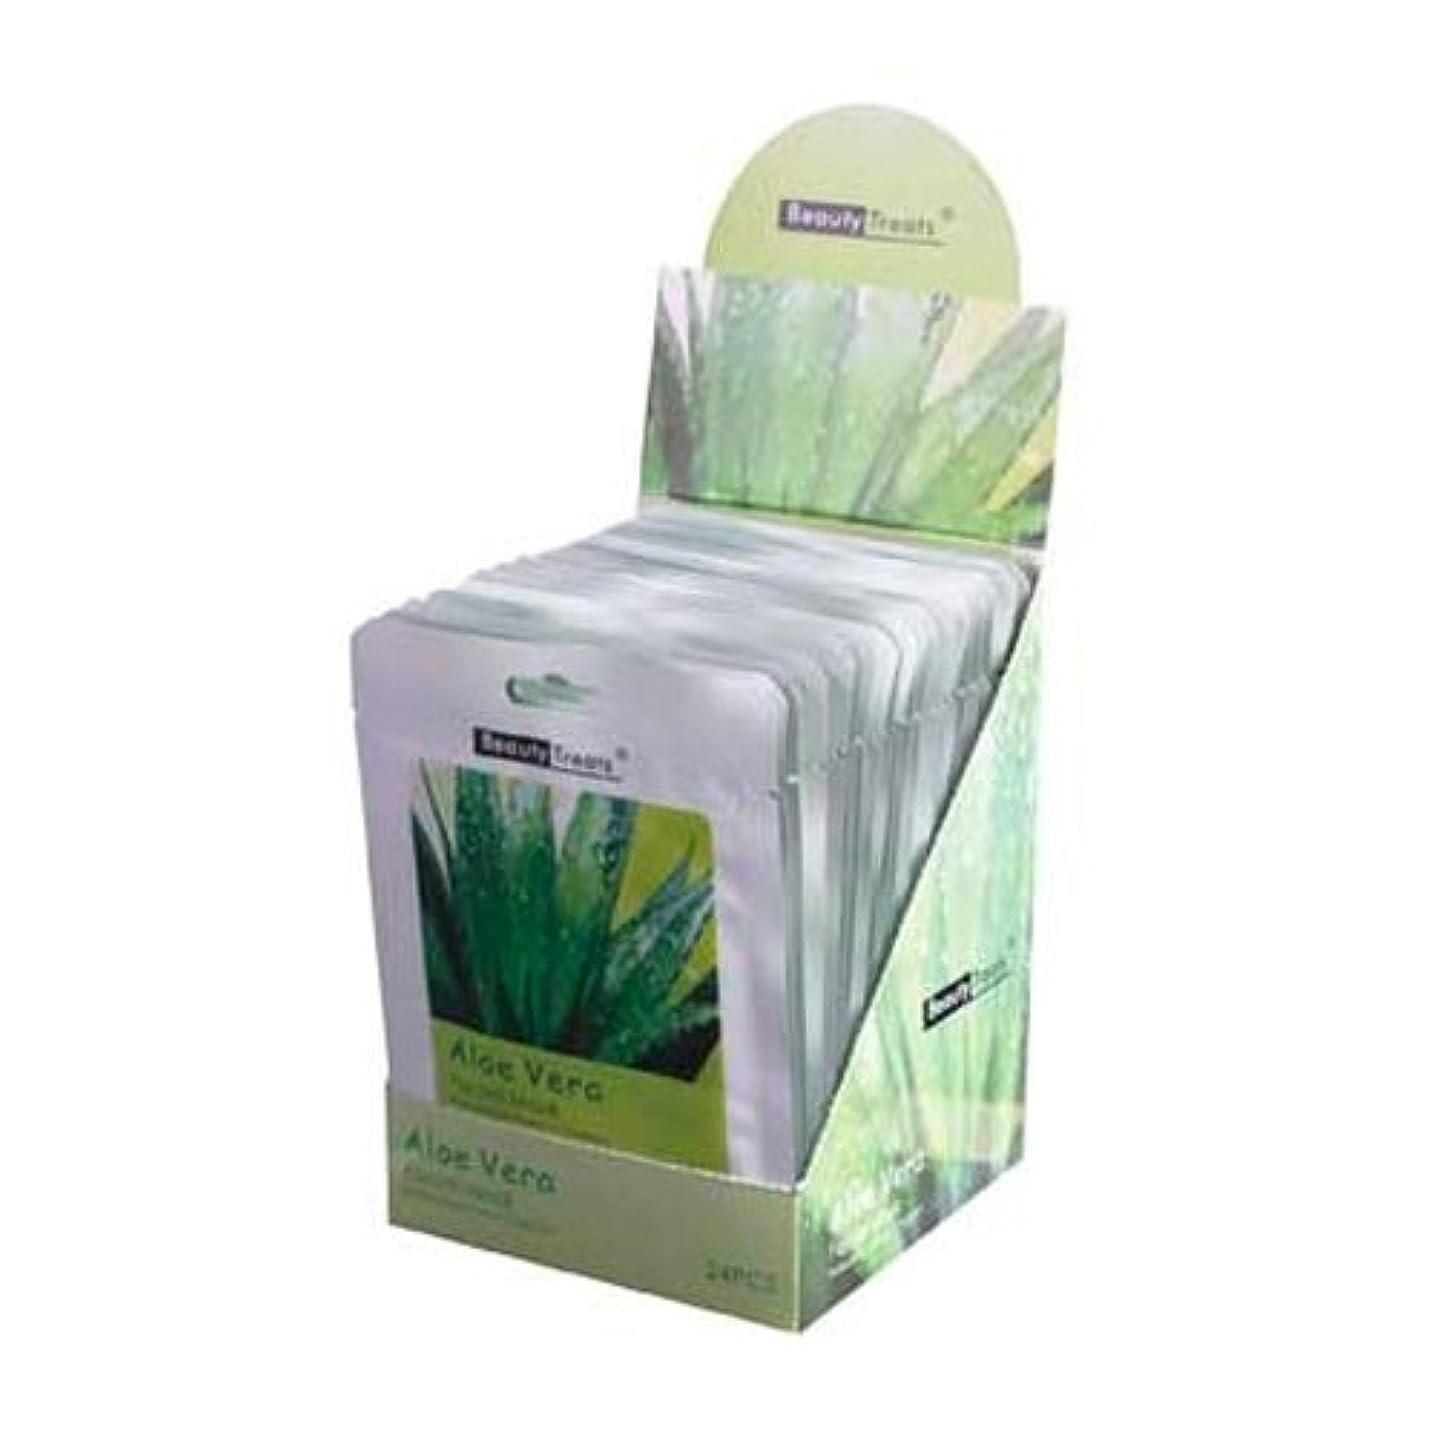 に話す赤外線タイプライターBEAUTY TREATS Facial Mask Refreshing Vitamin C Solution - Aloe Vera - Display Box 24 Pieces (並行輸入品)